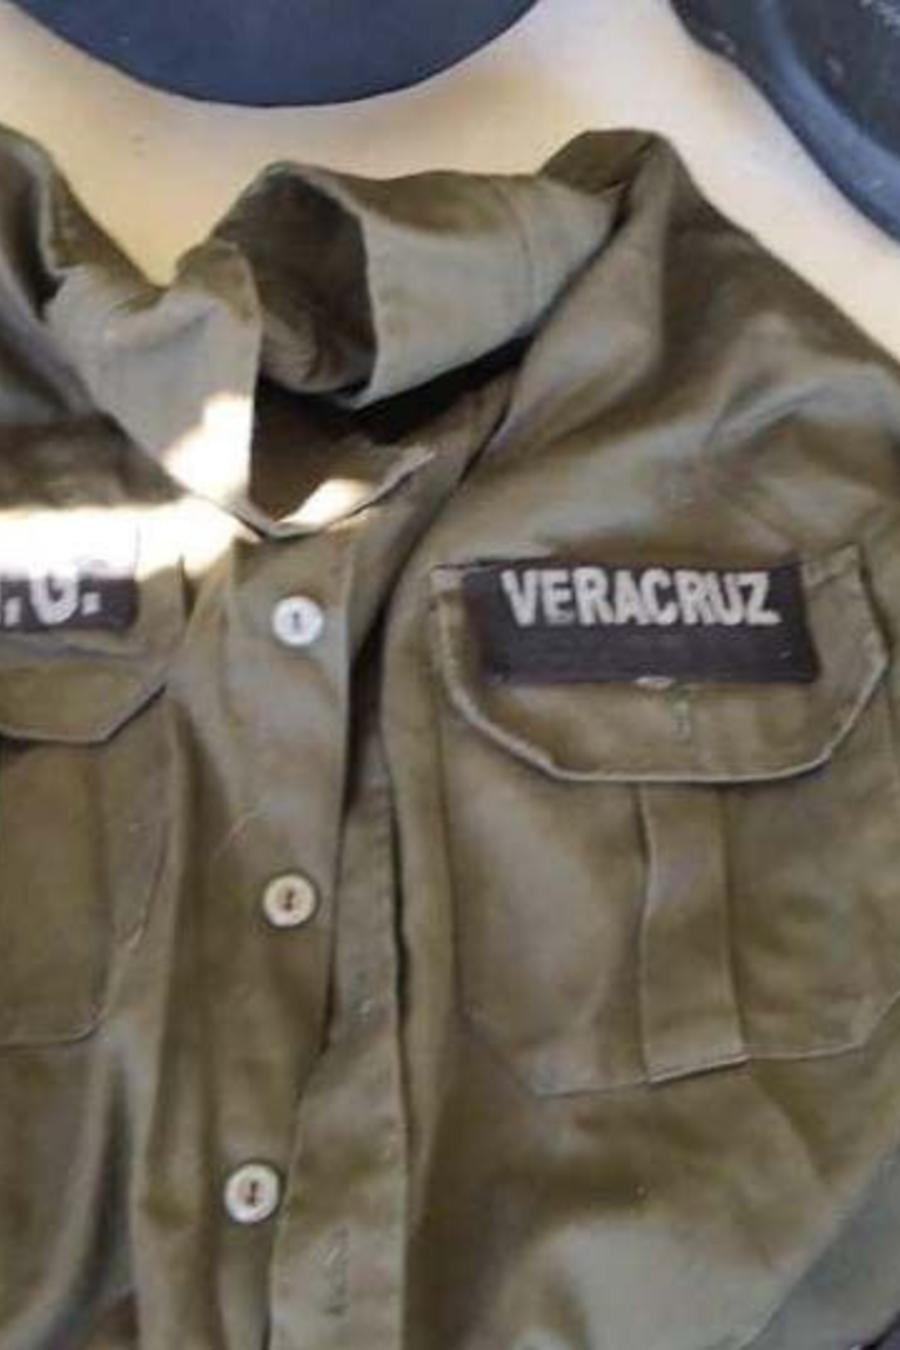 Parte del material decomisado tenía la insignia del Jalisco Nueva Generación